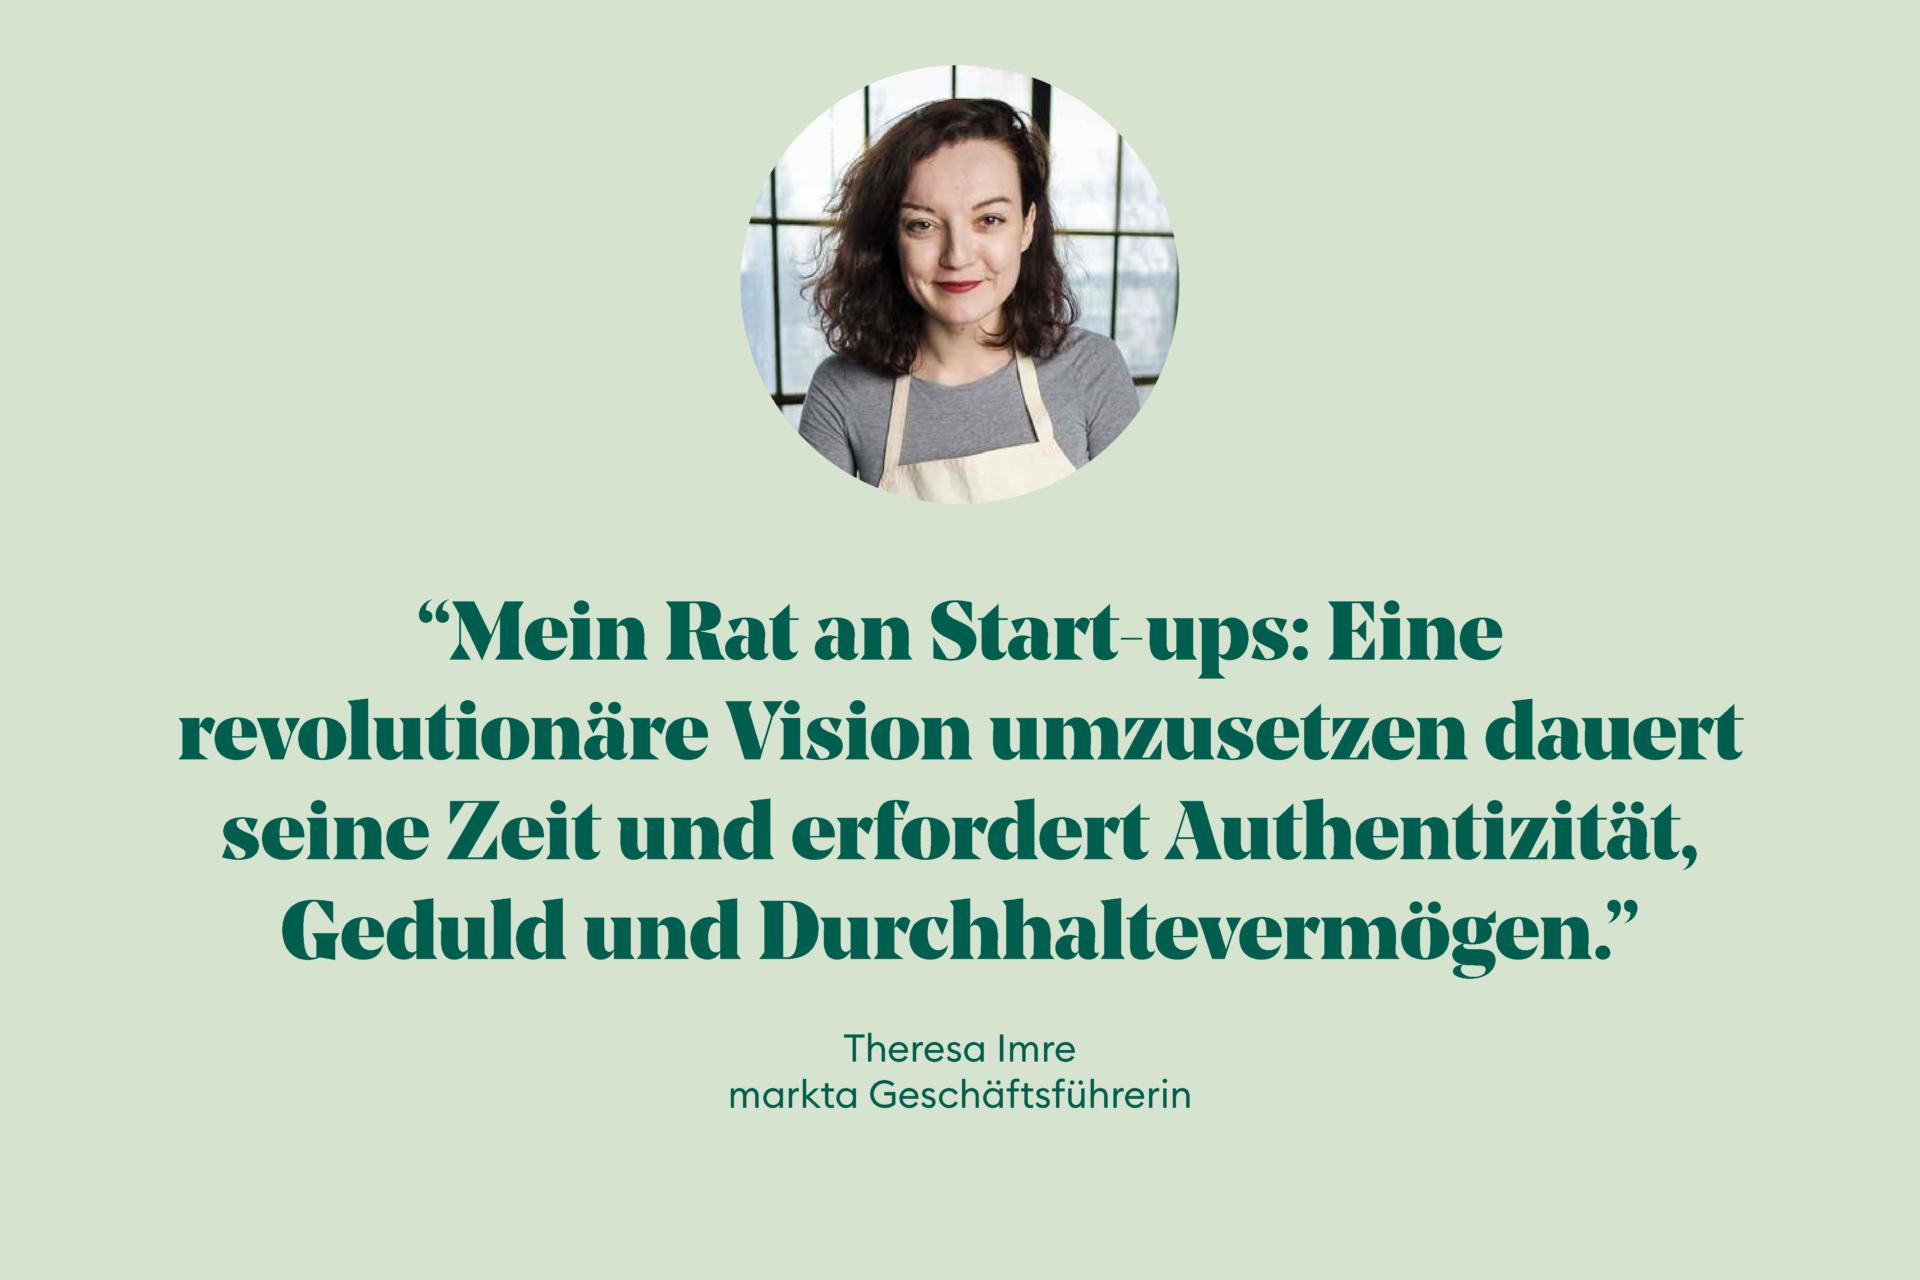 content marketing für start-ups